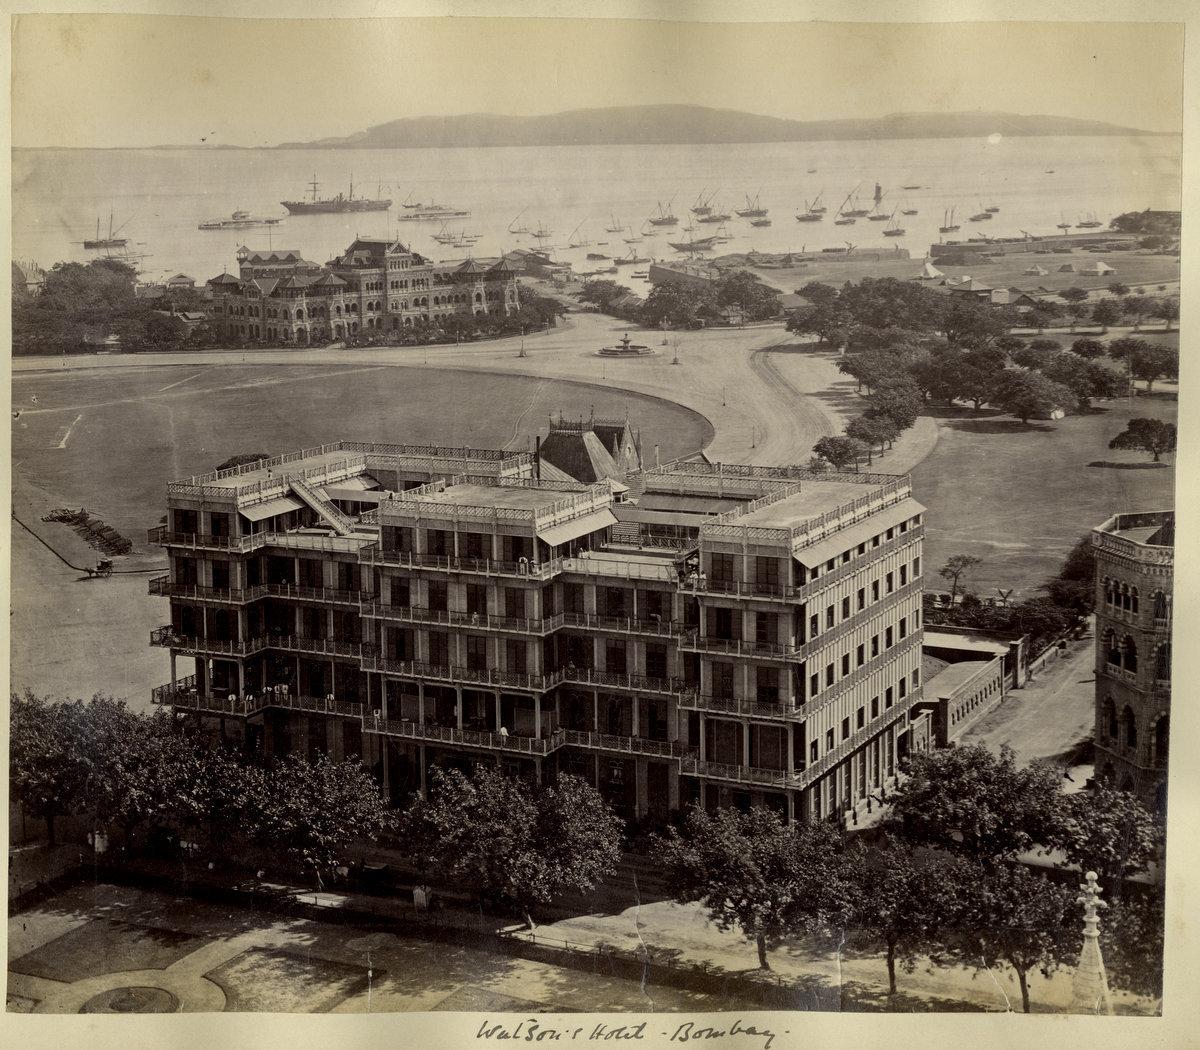 Watson's Hotel, Bombay (Mumbai) - c1880's